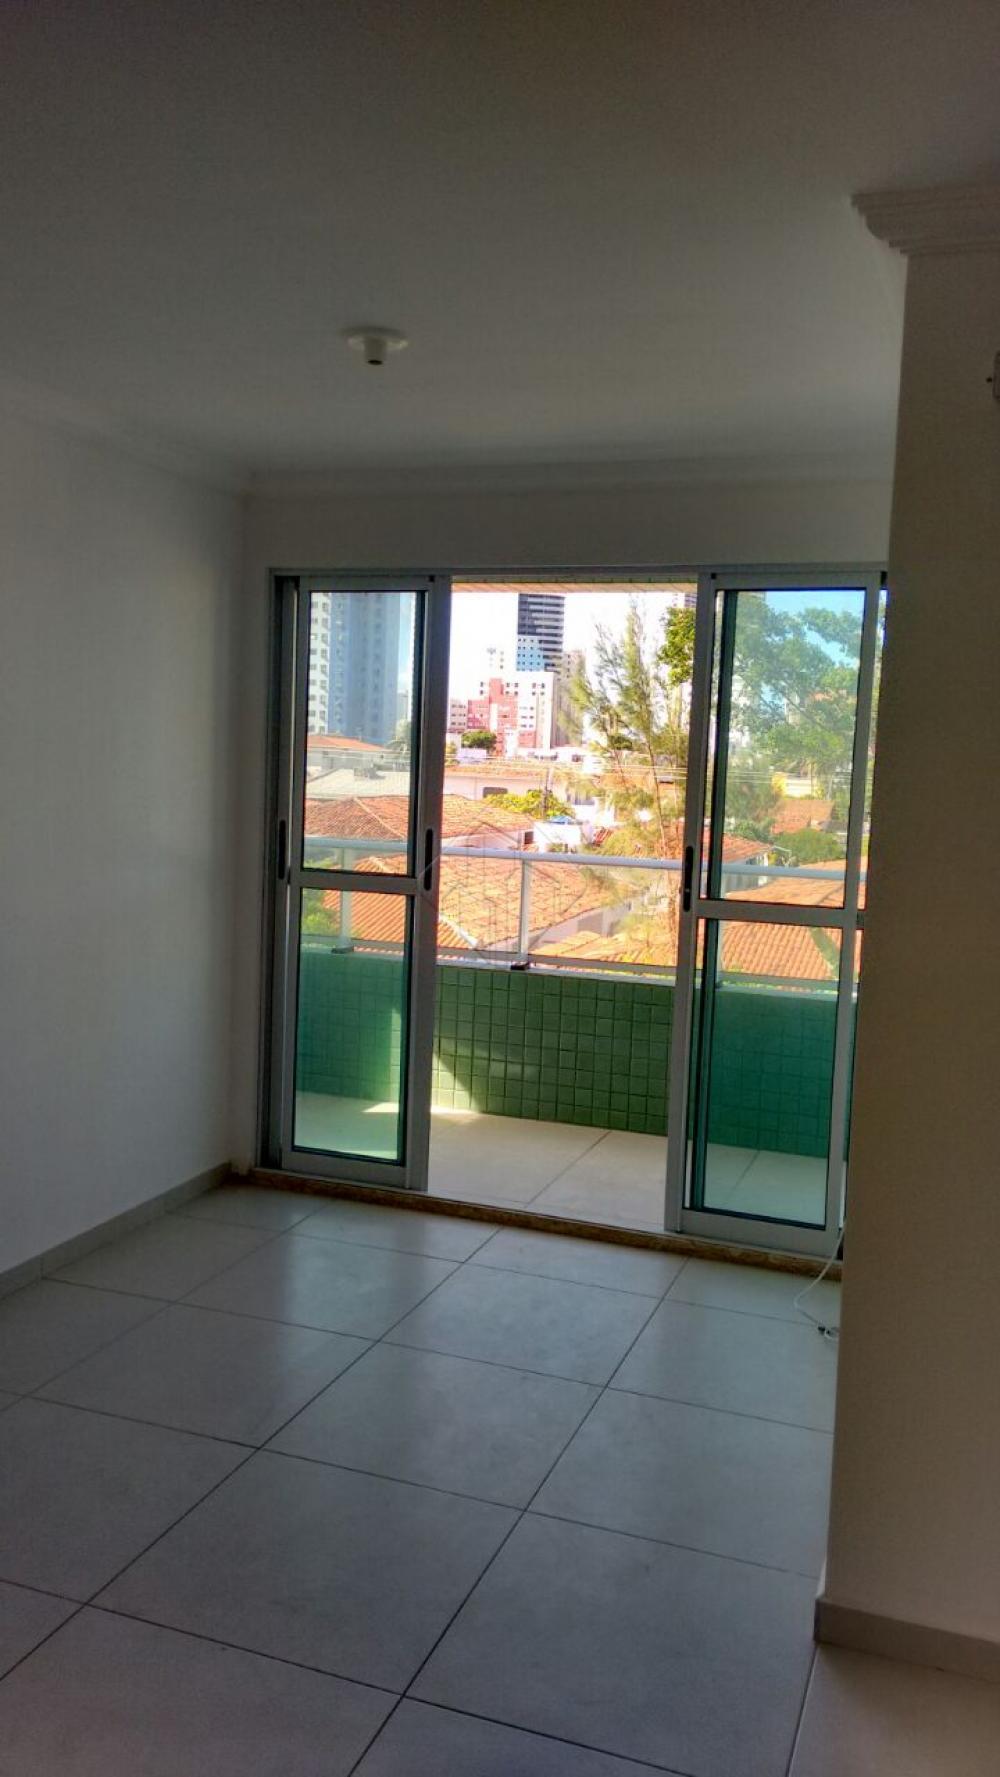 Comprar Apartamento / Padrão em João Pessoa apenas R$ 235.000,00 - Foto 20